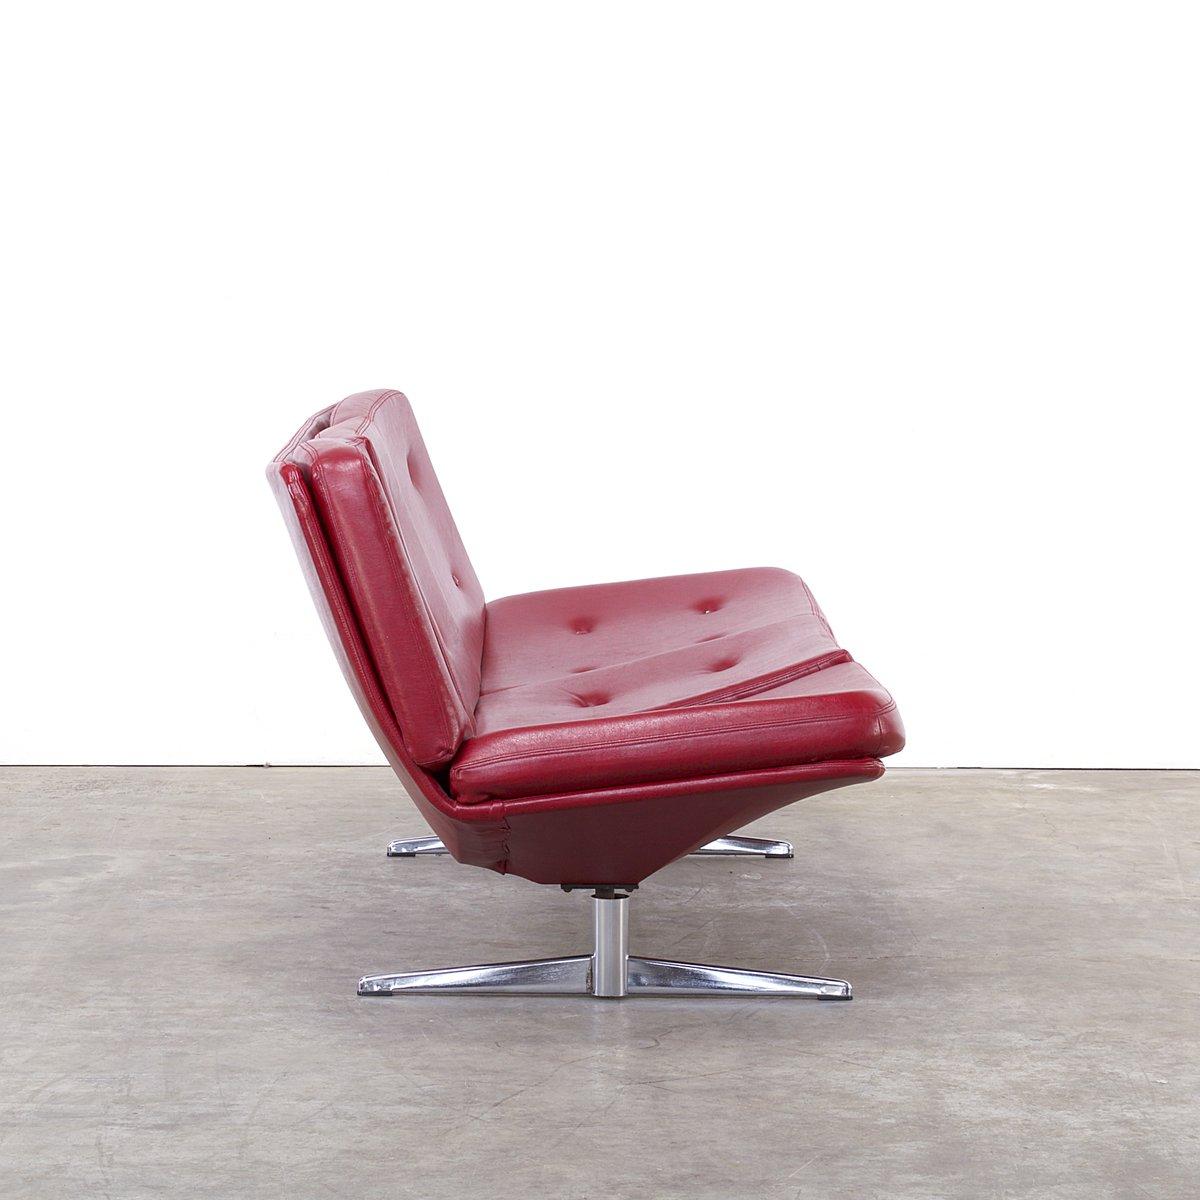 canap rouge en ska 3 places 1960s en vente sur pamono. Black Bedroom Furniture Sets. Home Design Ideas